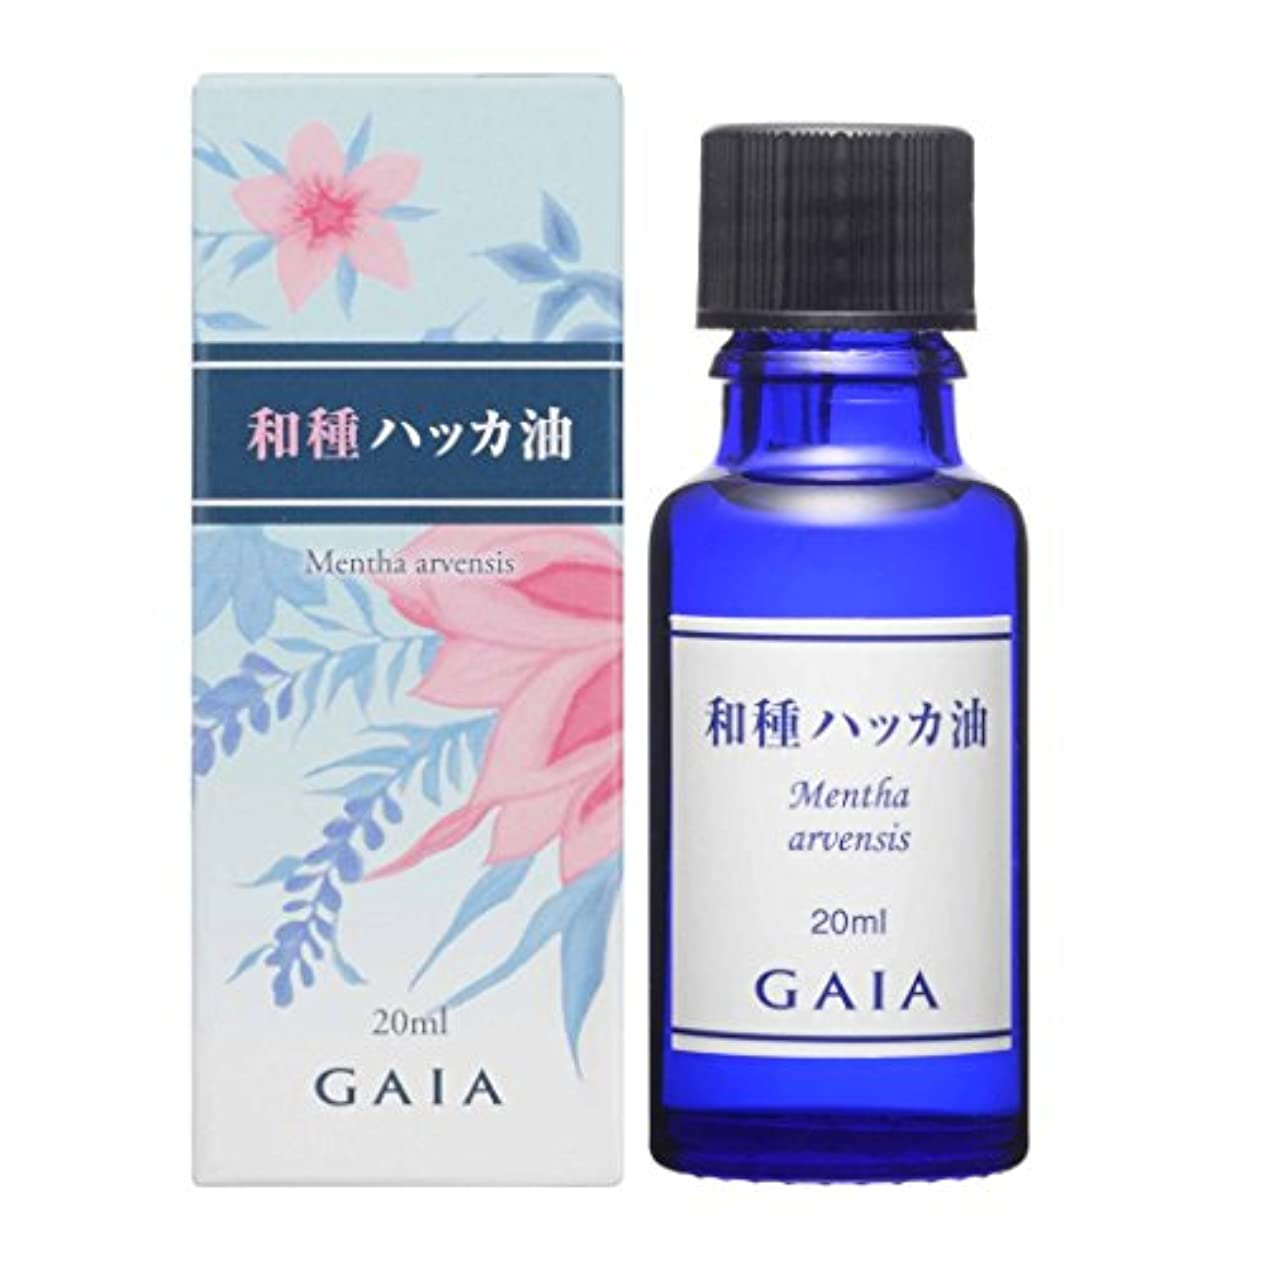 機関専門化する再開GAIA(ガイア) 和種ハッカ油 20ml